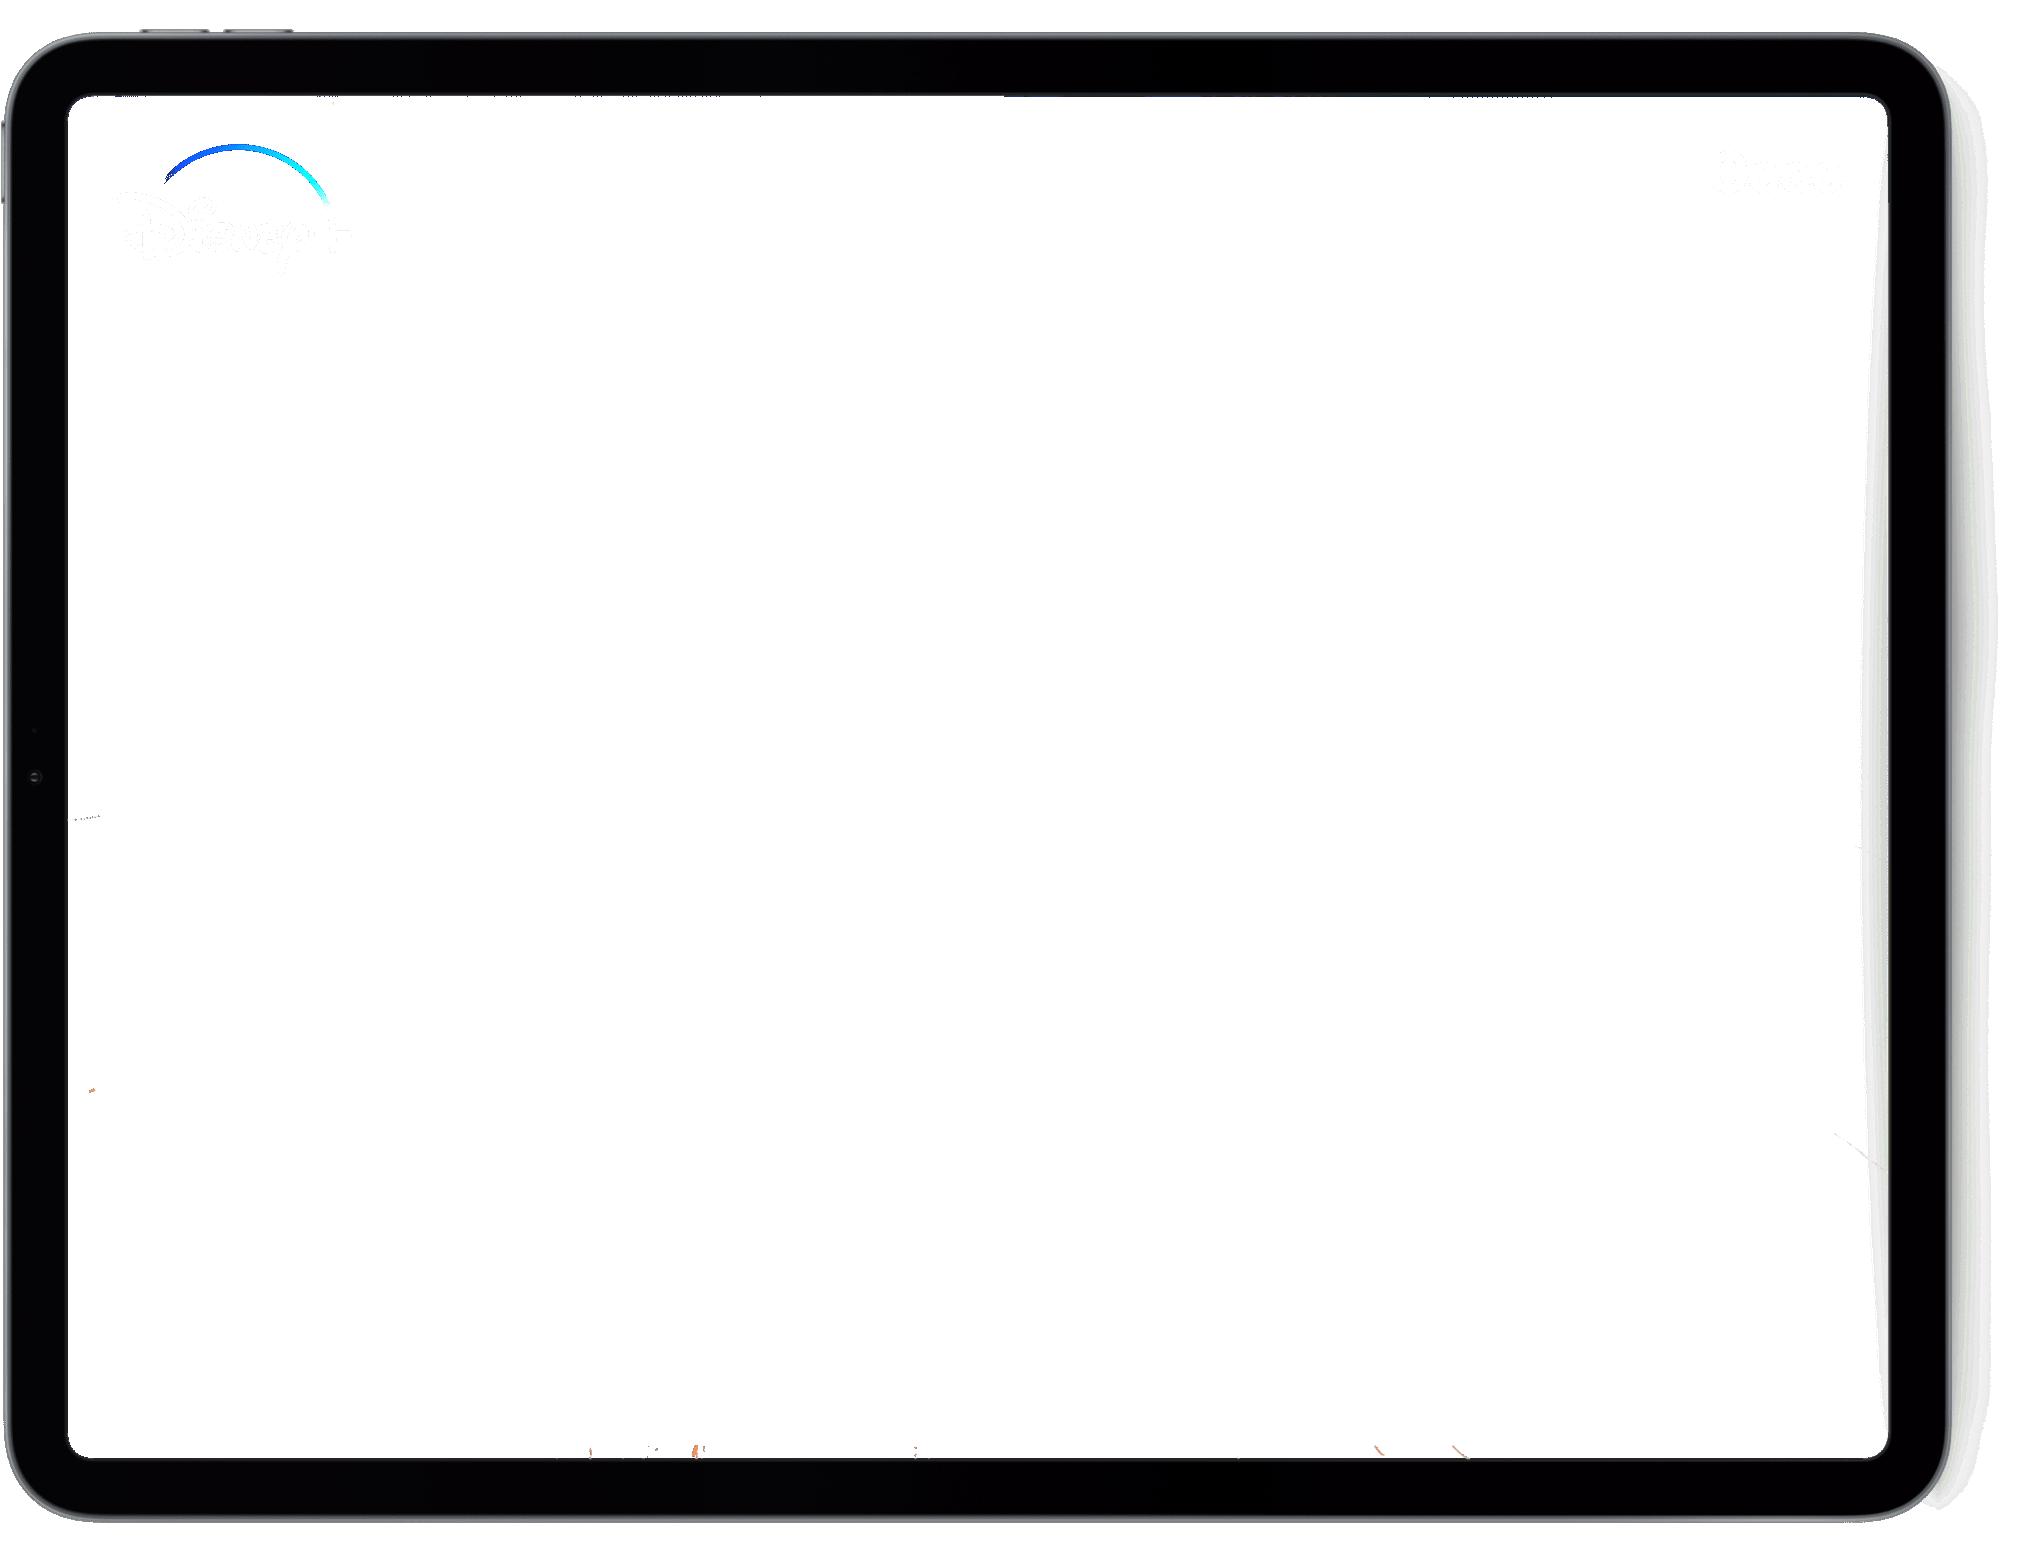 Película Coco de Disney Pixar en una tablet